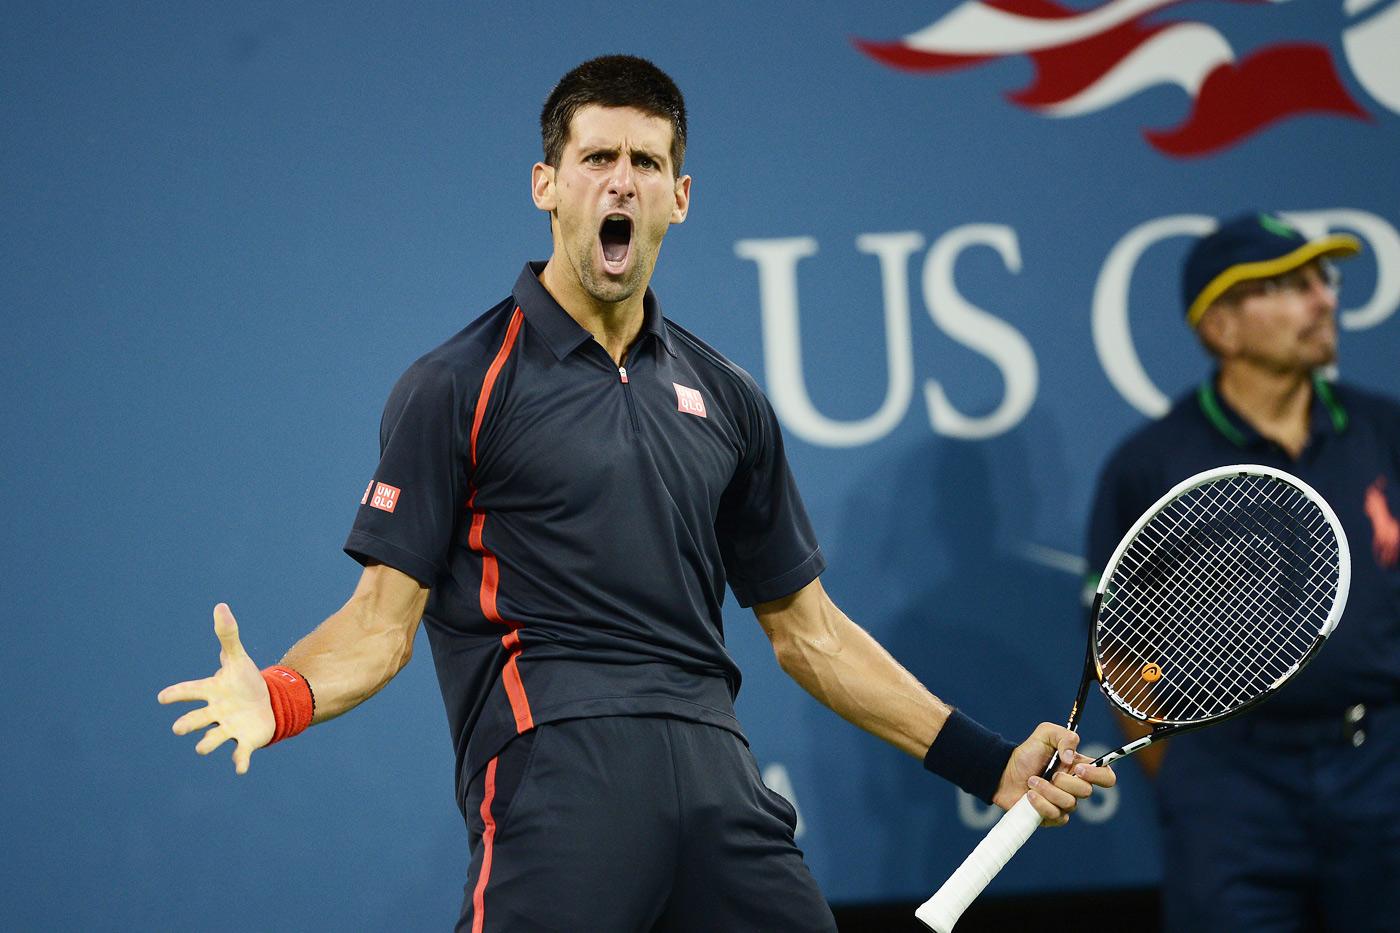 Српскиот тенисер неделава има поголема предност во однос на Швајцарецот како резултат на триумфот на Мастерсот во Париз